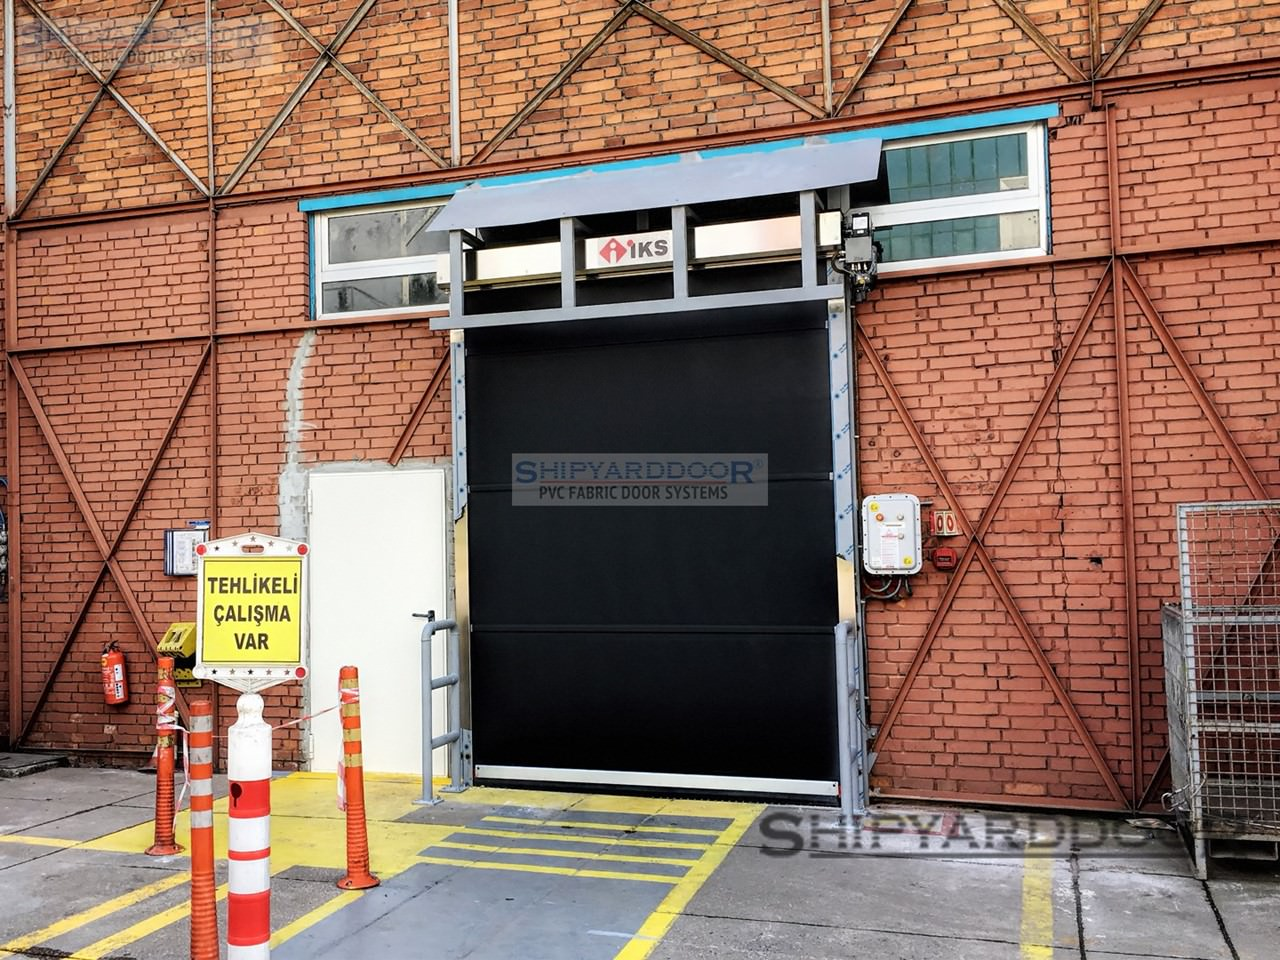 ex proof door en shipyarddoor